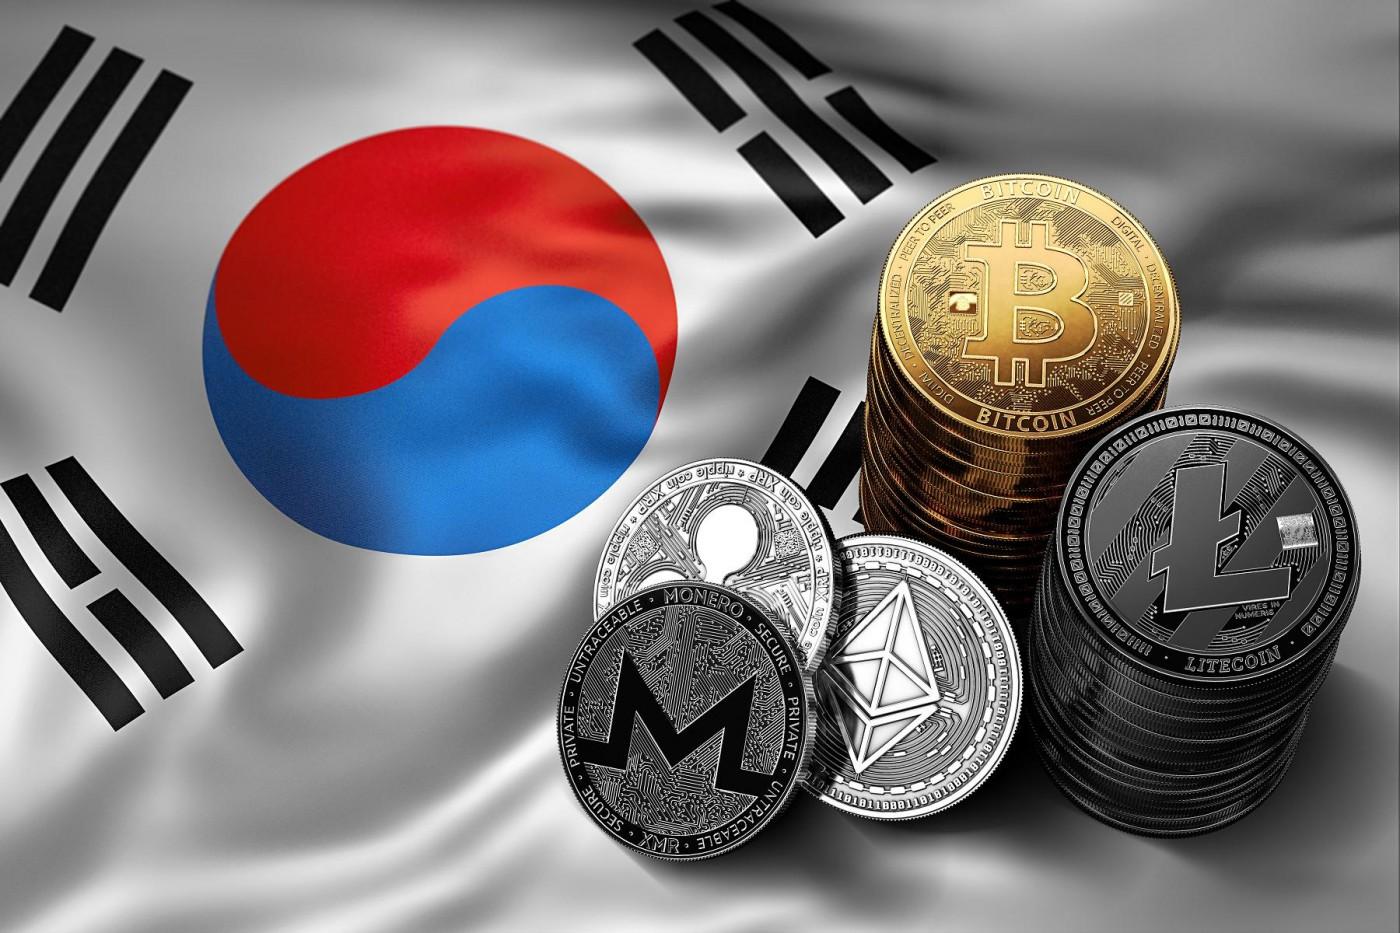 南韓全民熱炒比特幣過火,政府出手管制喊出不惜關閉交易所